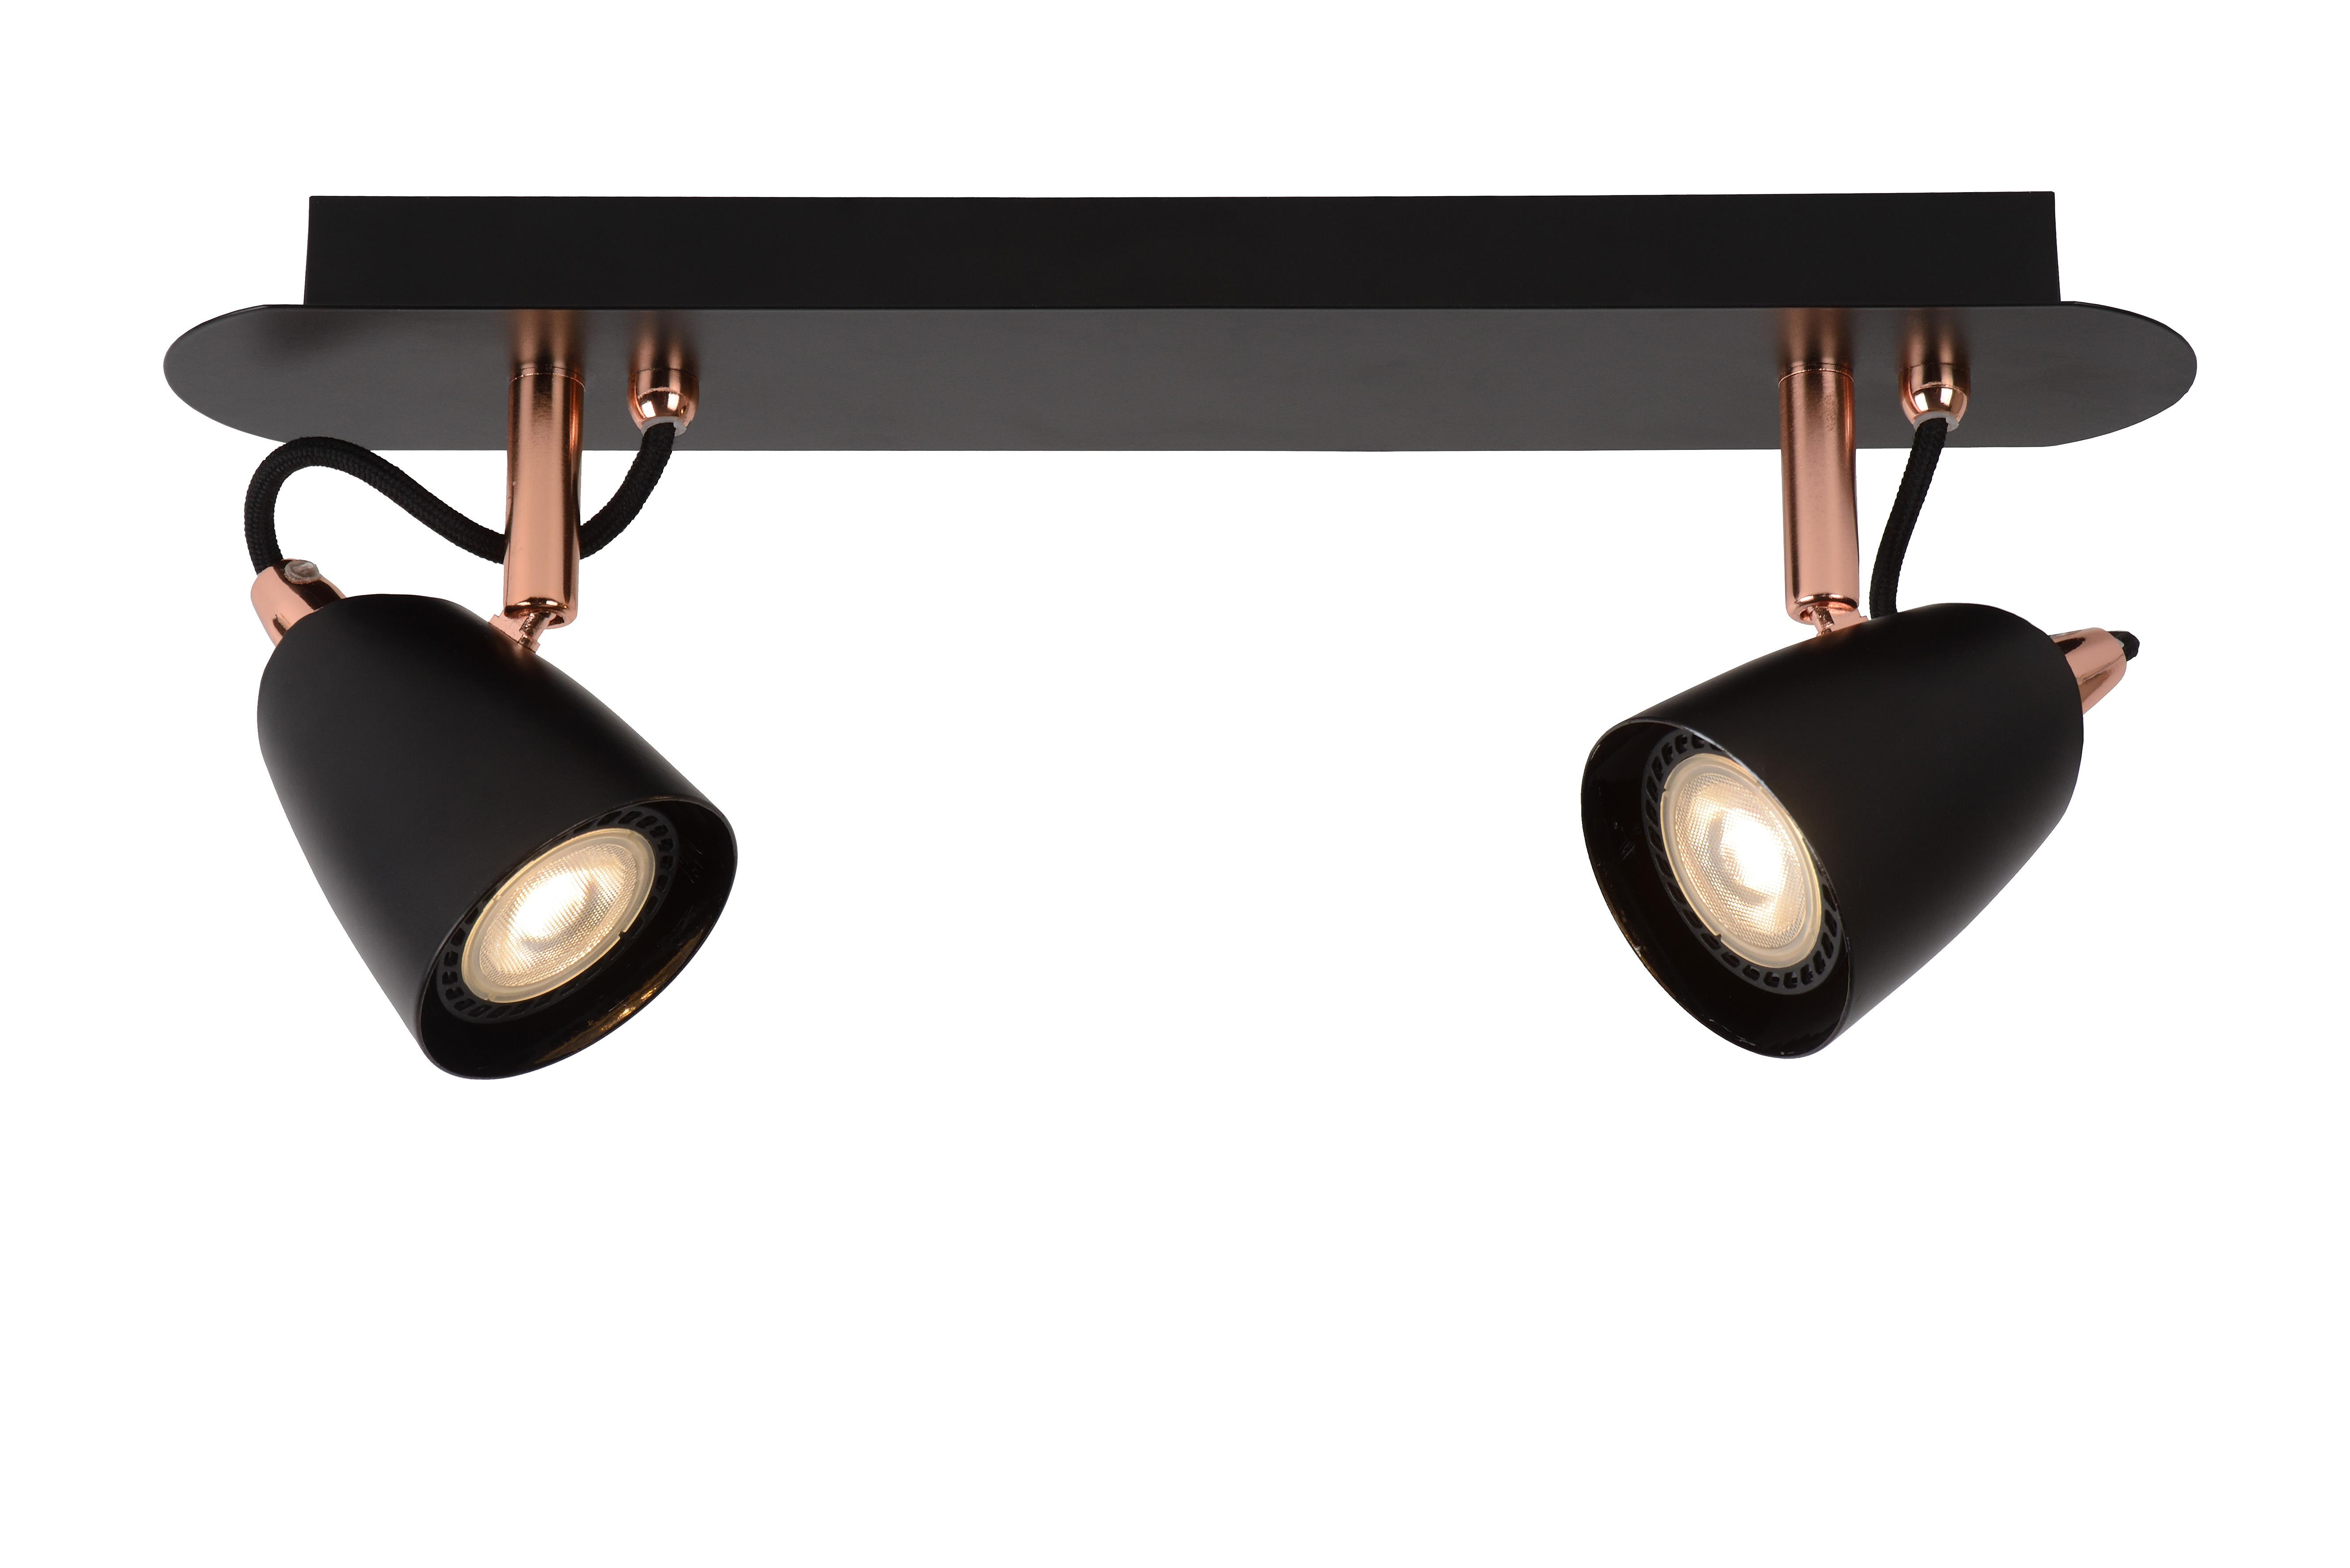 - GU10-3x5W 3000K Spot Plafond Cuivre /Ø 25 cm Lucide RIDE-LED LED Dim